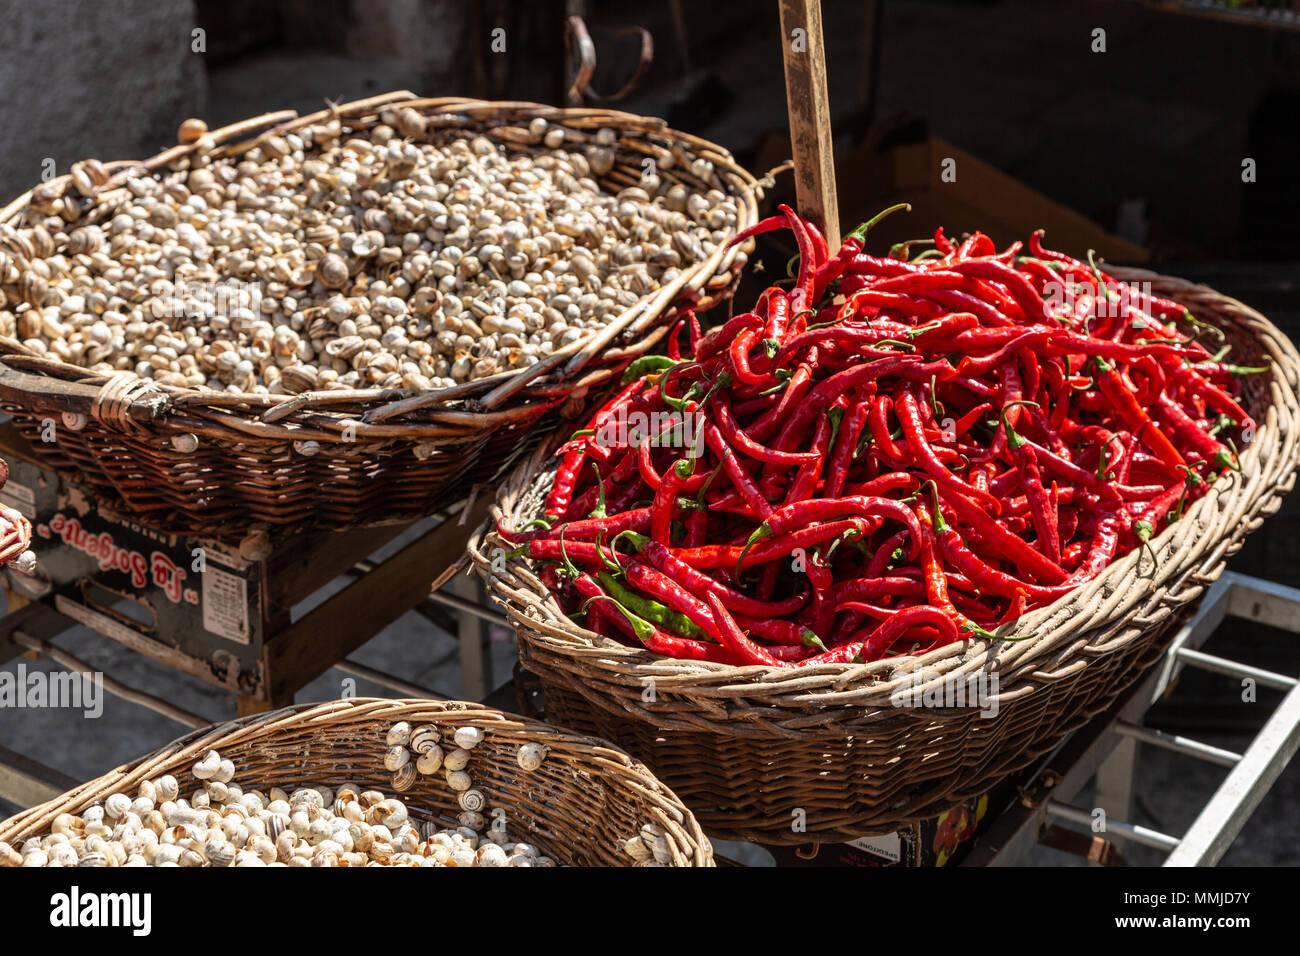 Schnecken und Chili am Marktstand, Palermo, Sizilien Stockbild